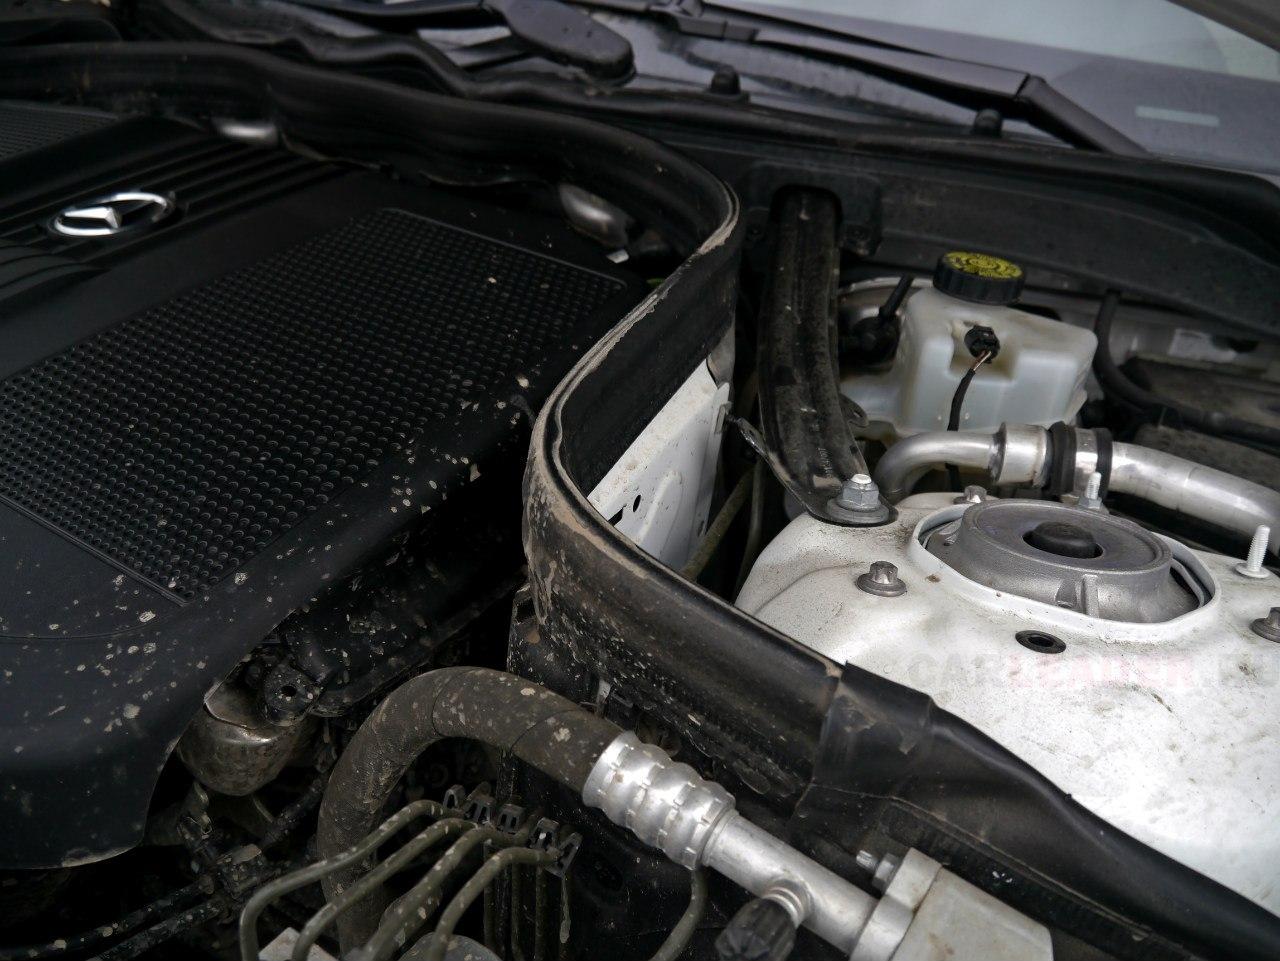 Мотор отделяет от торпеды салона специальная стальная перегородка - дизельный мотор в салоне еле слышно.